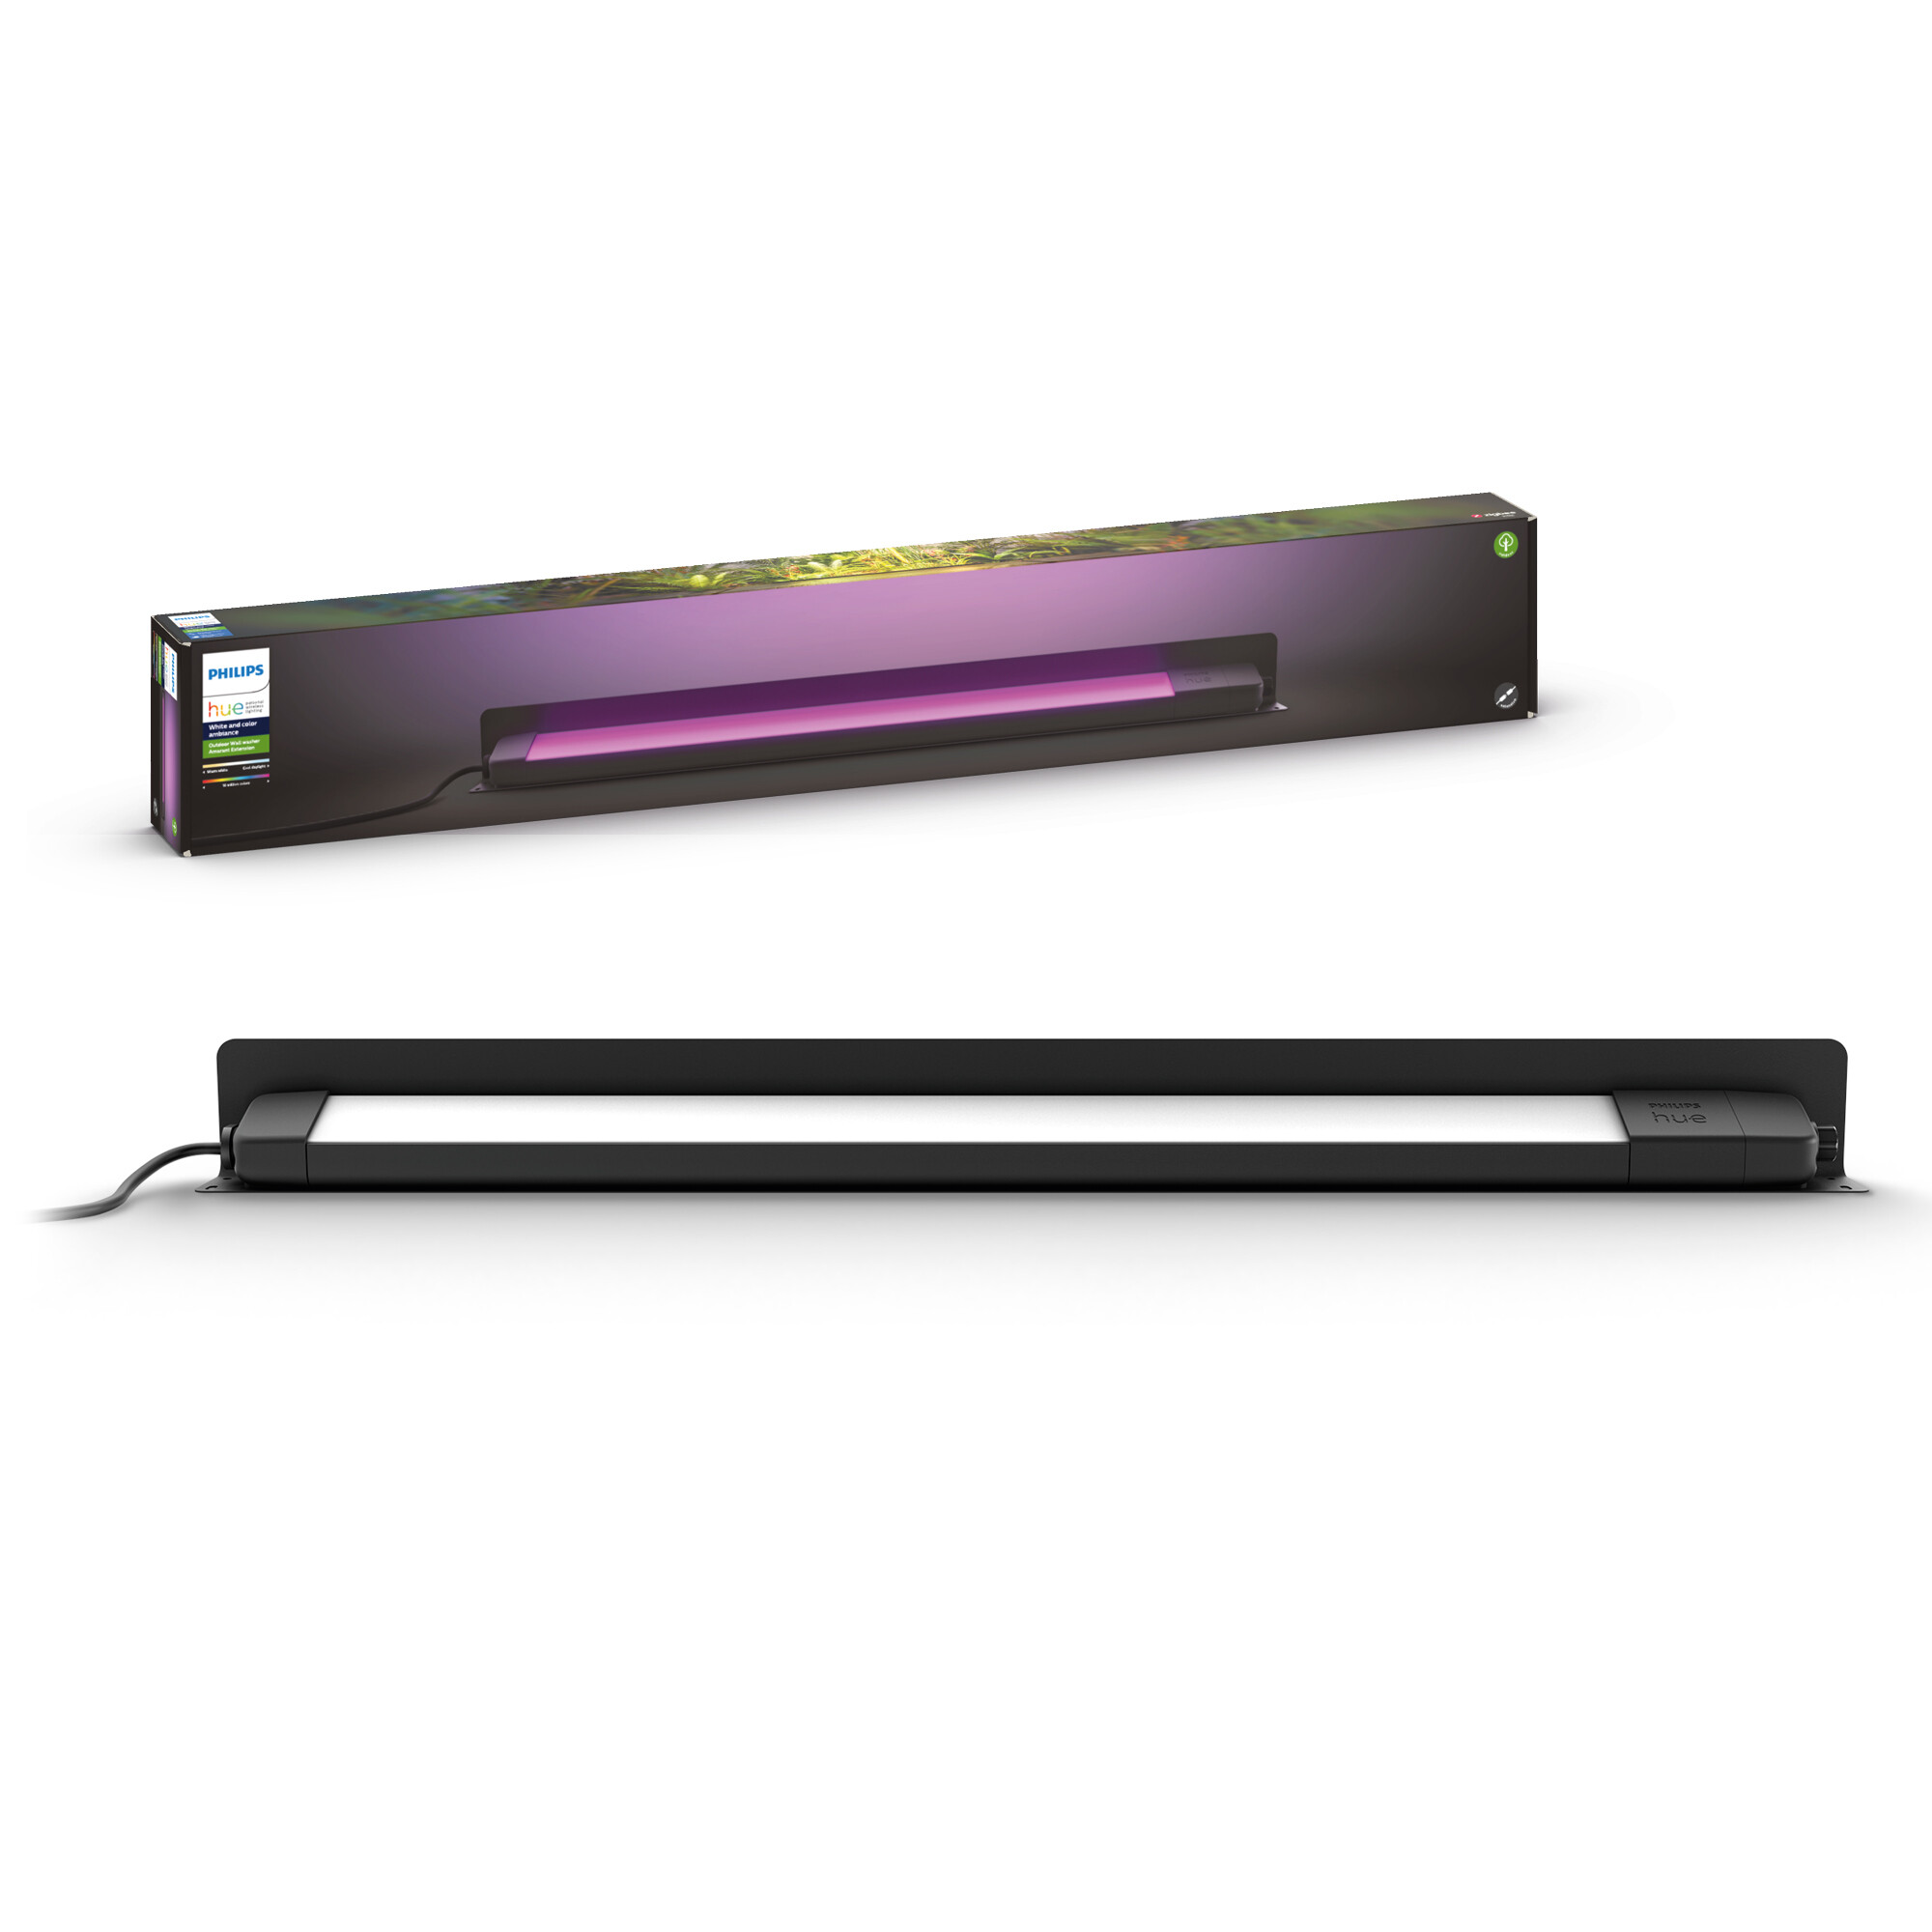 Philips HUE Amarant Straler LED 1x20W/1400lm Rechthoekig Zwart